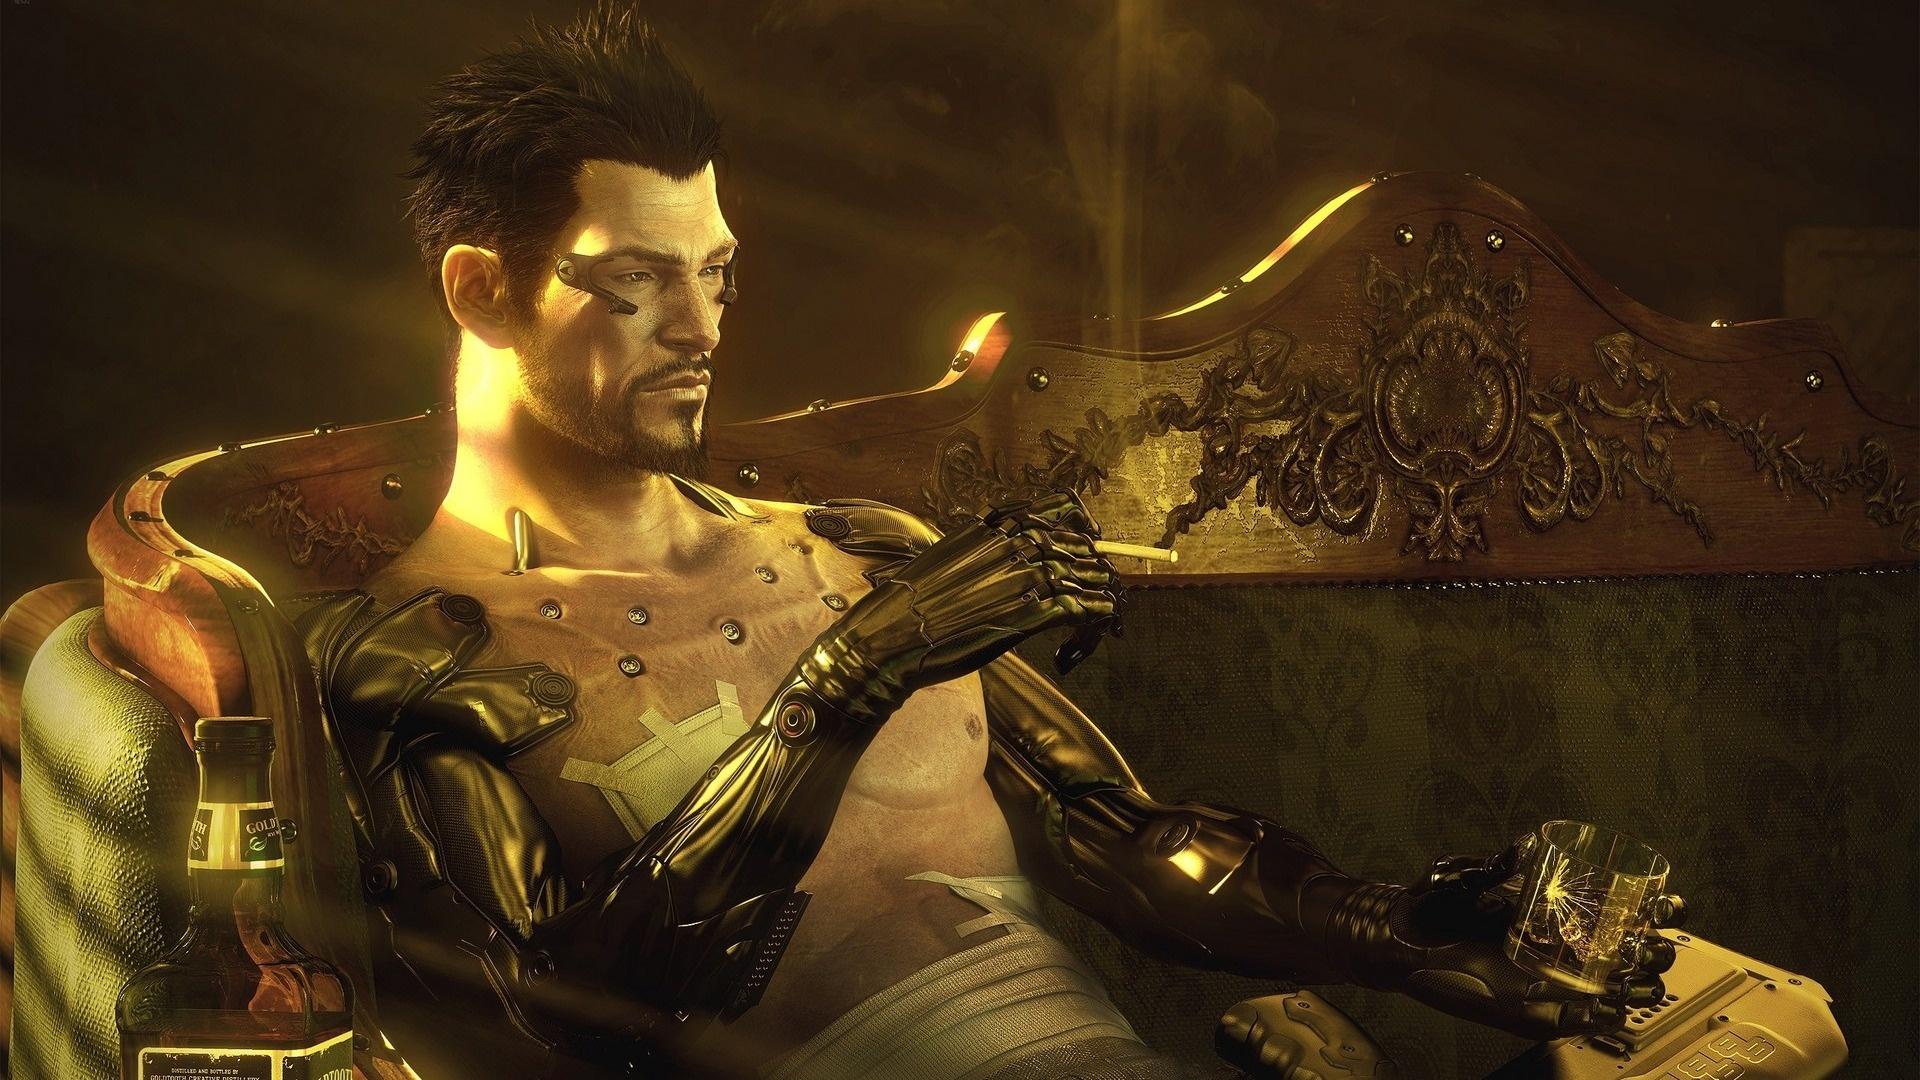 10 игр, которые можно пройти без единого убийства. От Metal Gear Solid и Deus Ex до Postal 2